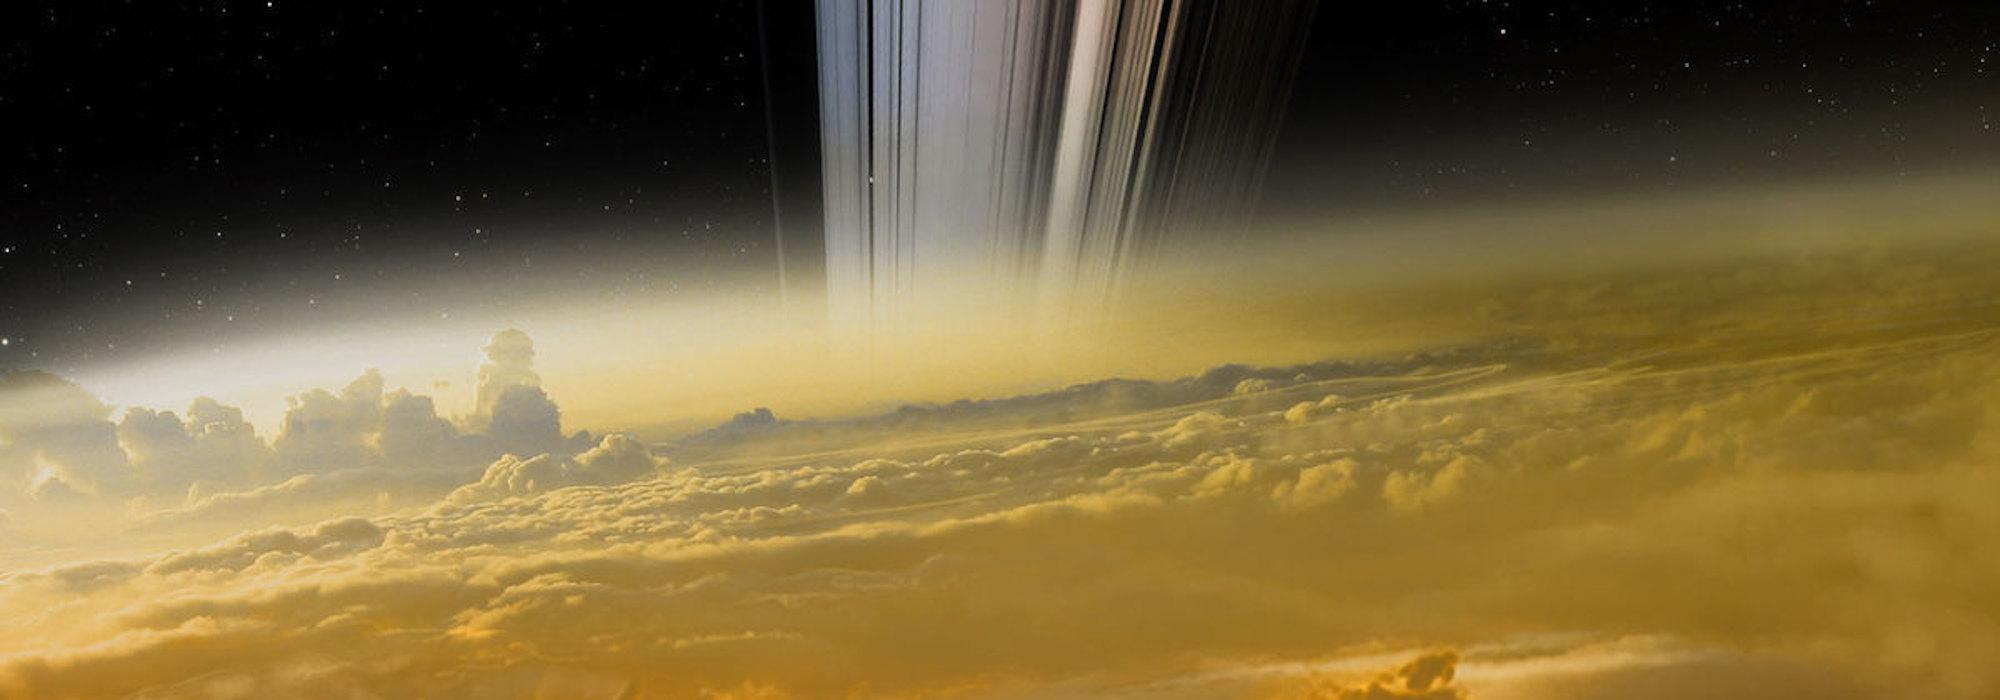 Medyascope: NASA'dan Astrofizikçi Dr. Umut Yıldız, Cassini'nin vedasını anlattı